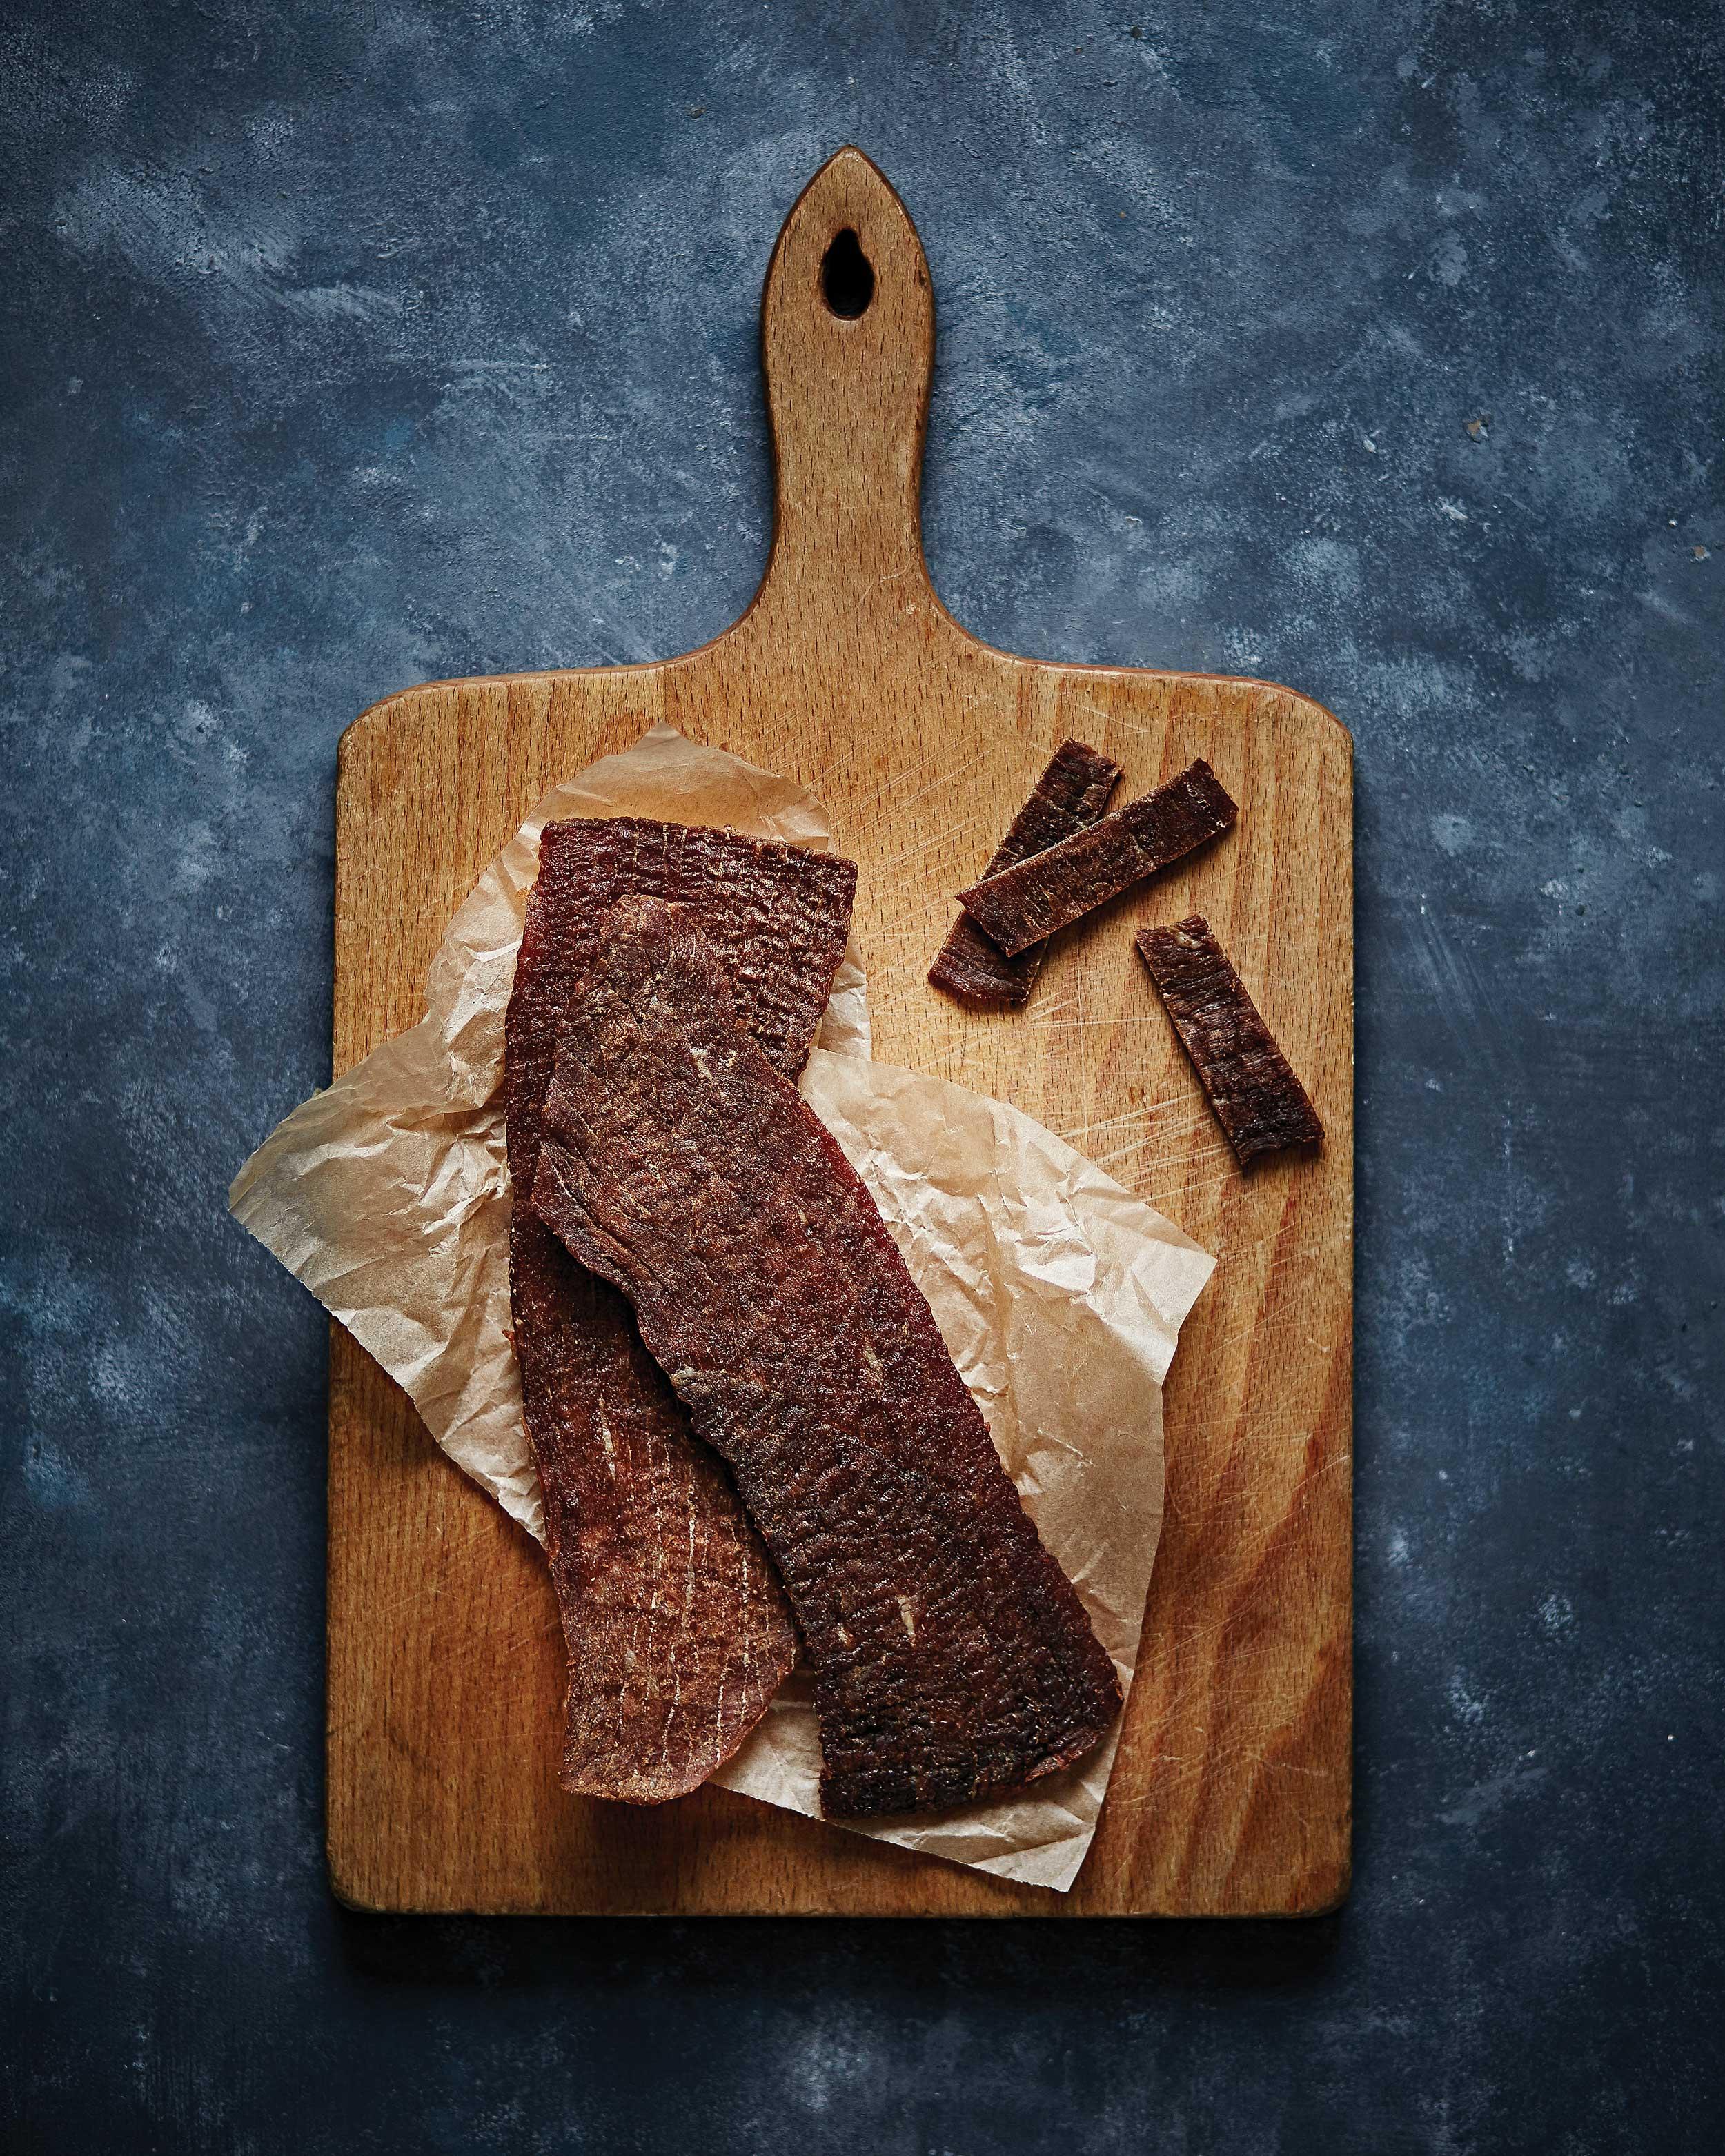 육포를 만들 때는 지방이 거의 없는 홍두깨살 또는 우둔살을 사용하는 것이 좋다. 이 부위는 근섬유의 결이 일정해 결대로 찢어 먹을 수 있다. © 심윤석, 정지원